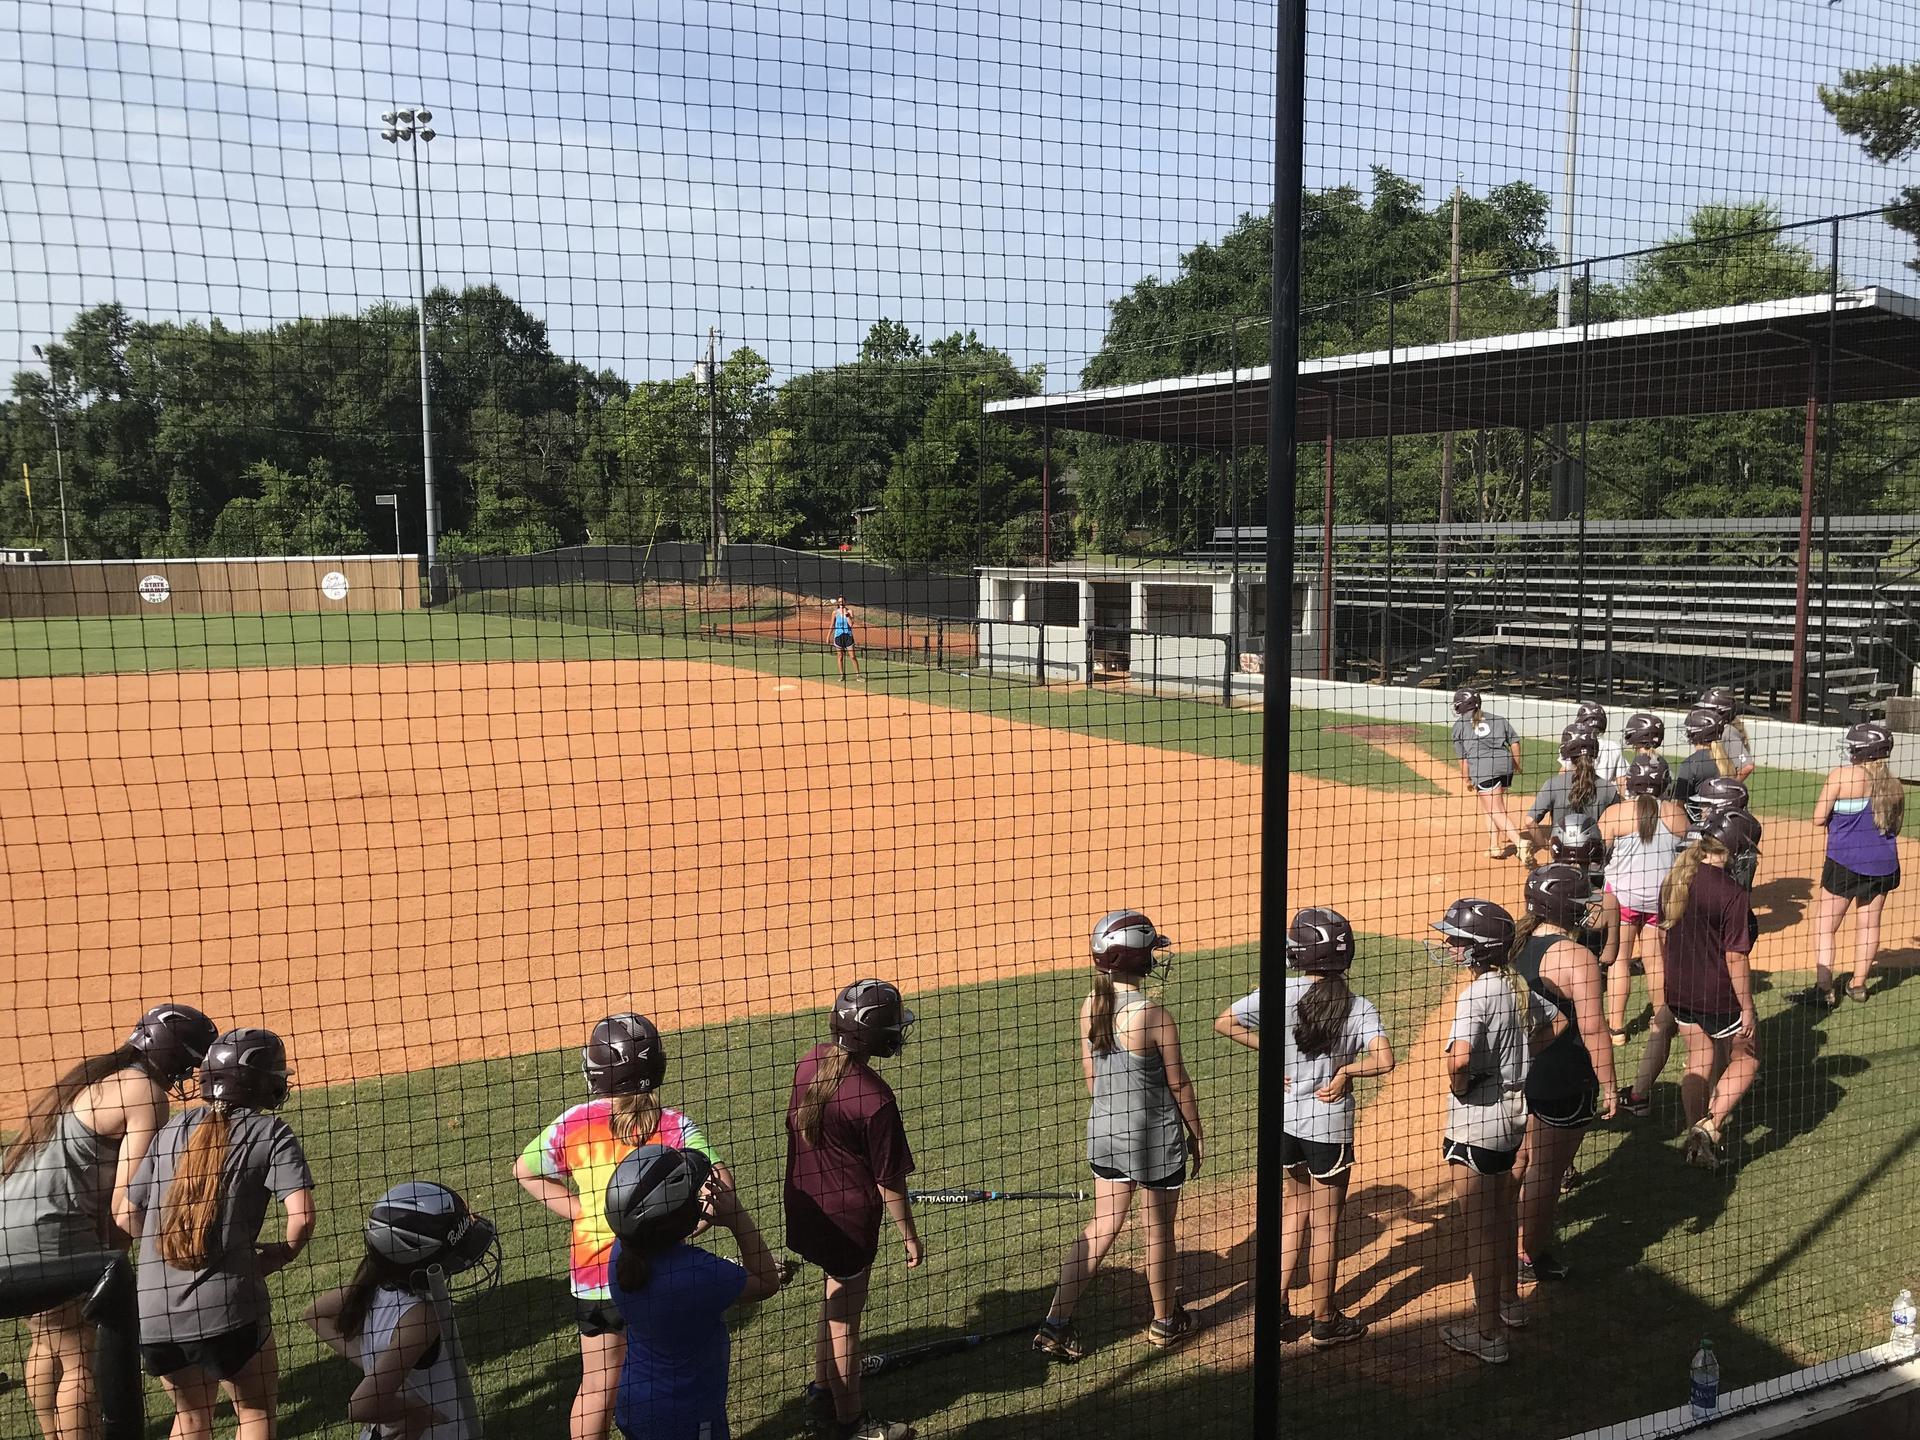 CHS Softball Practice